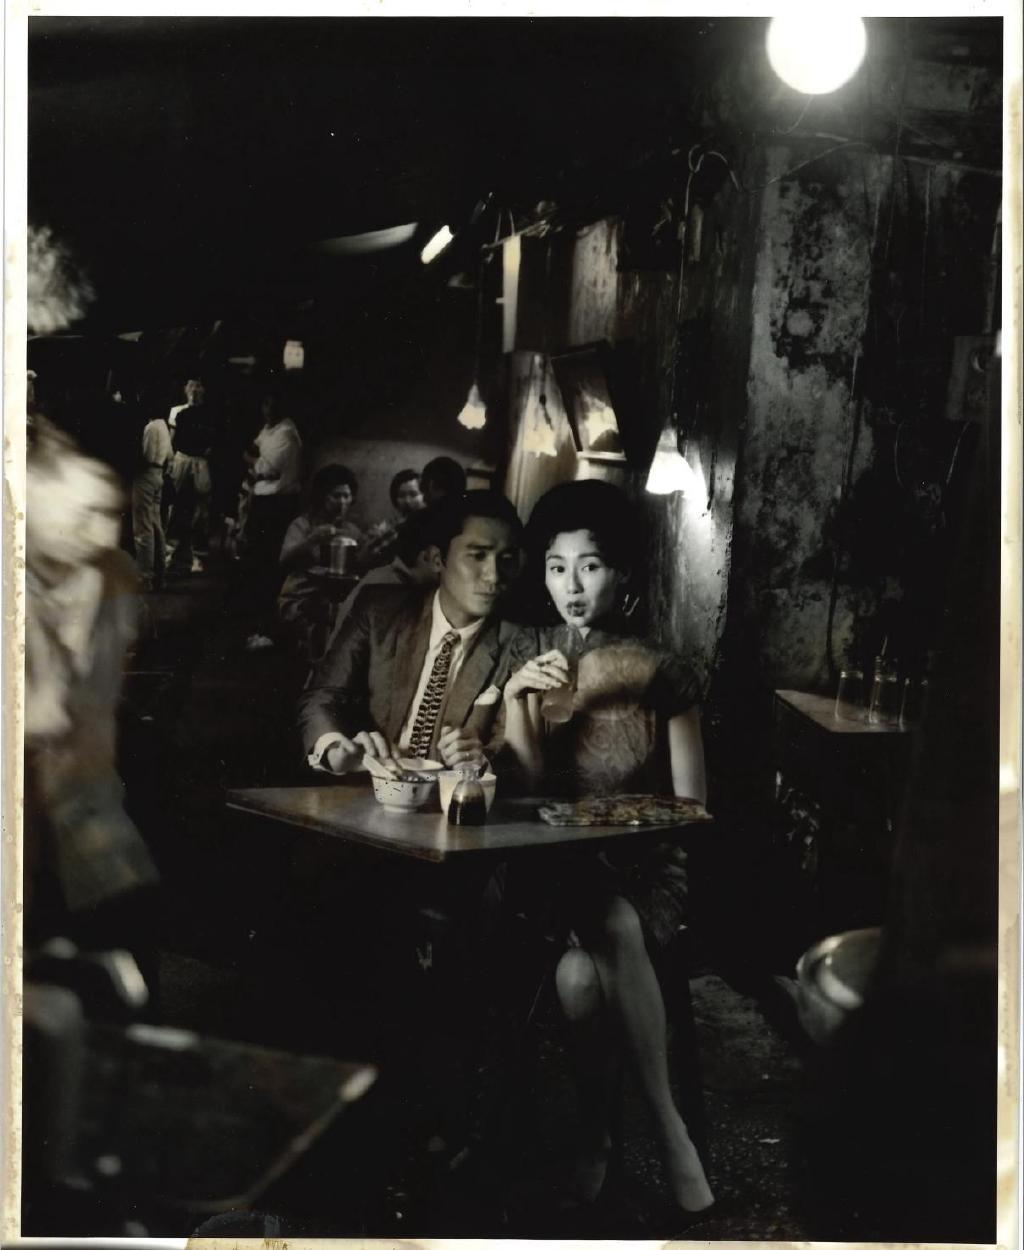 【天富】卫花样年华首映二十周年开机日照片曝光天富图片